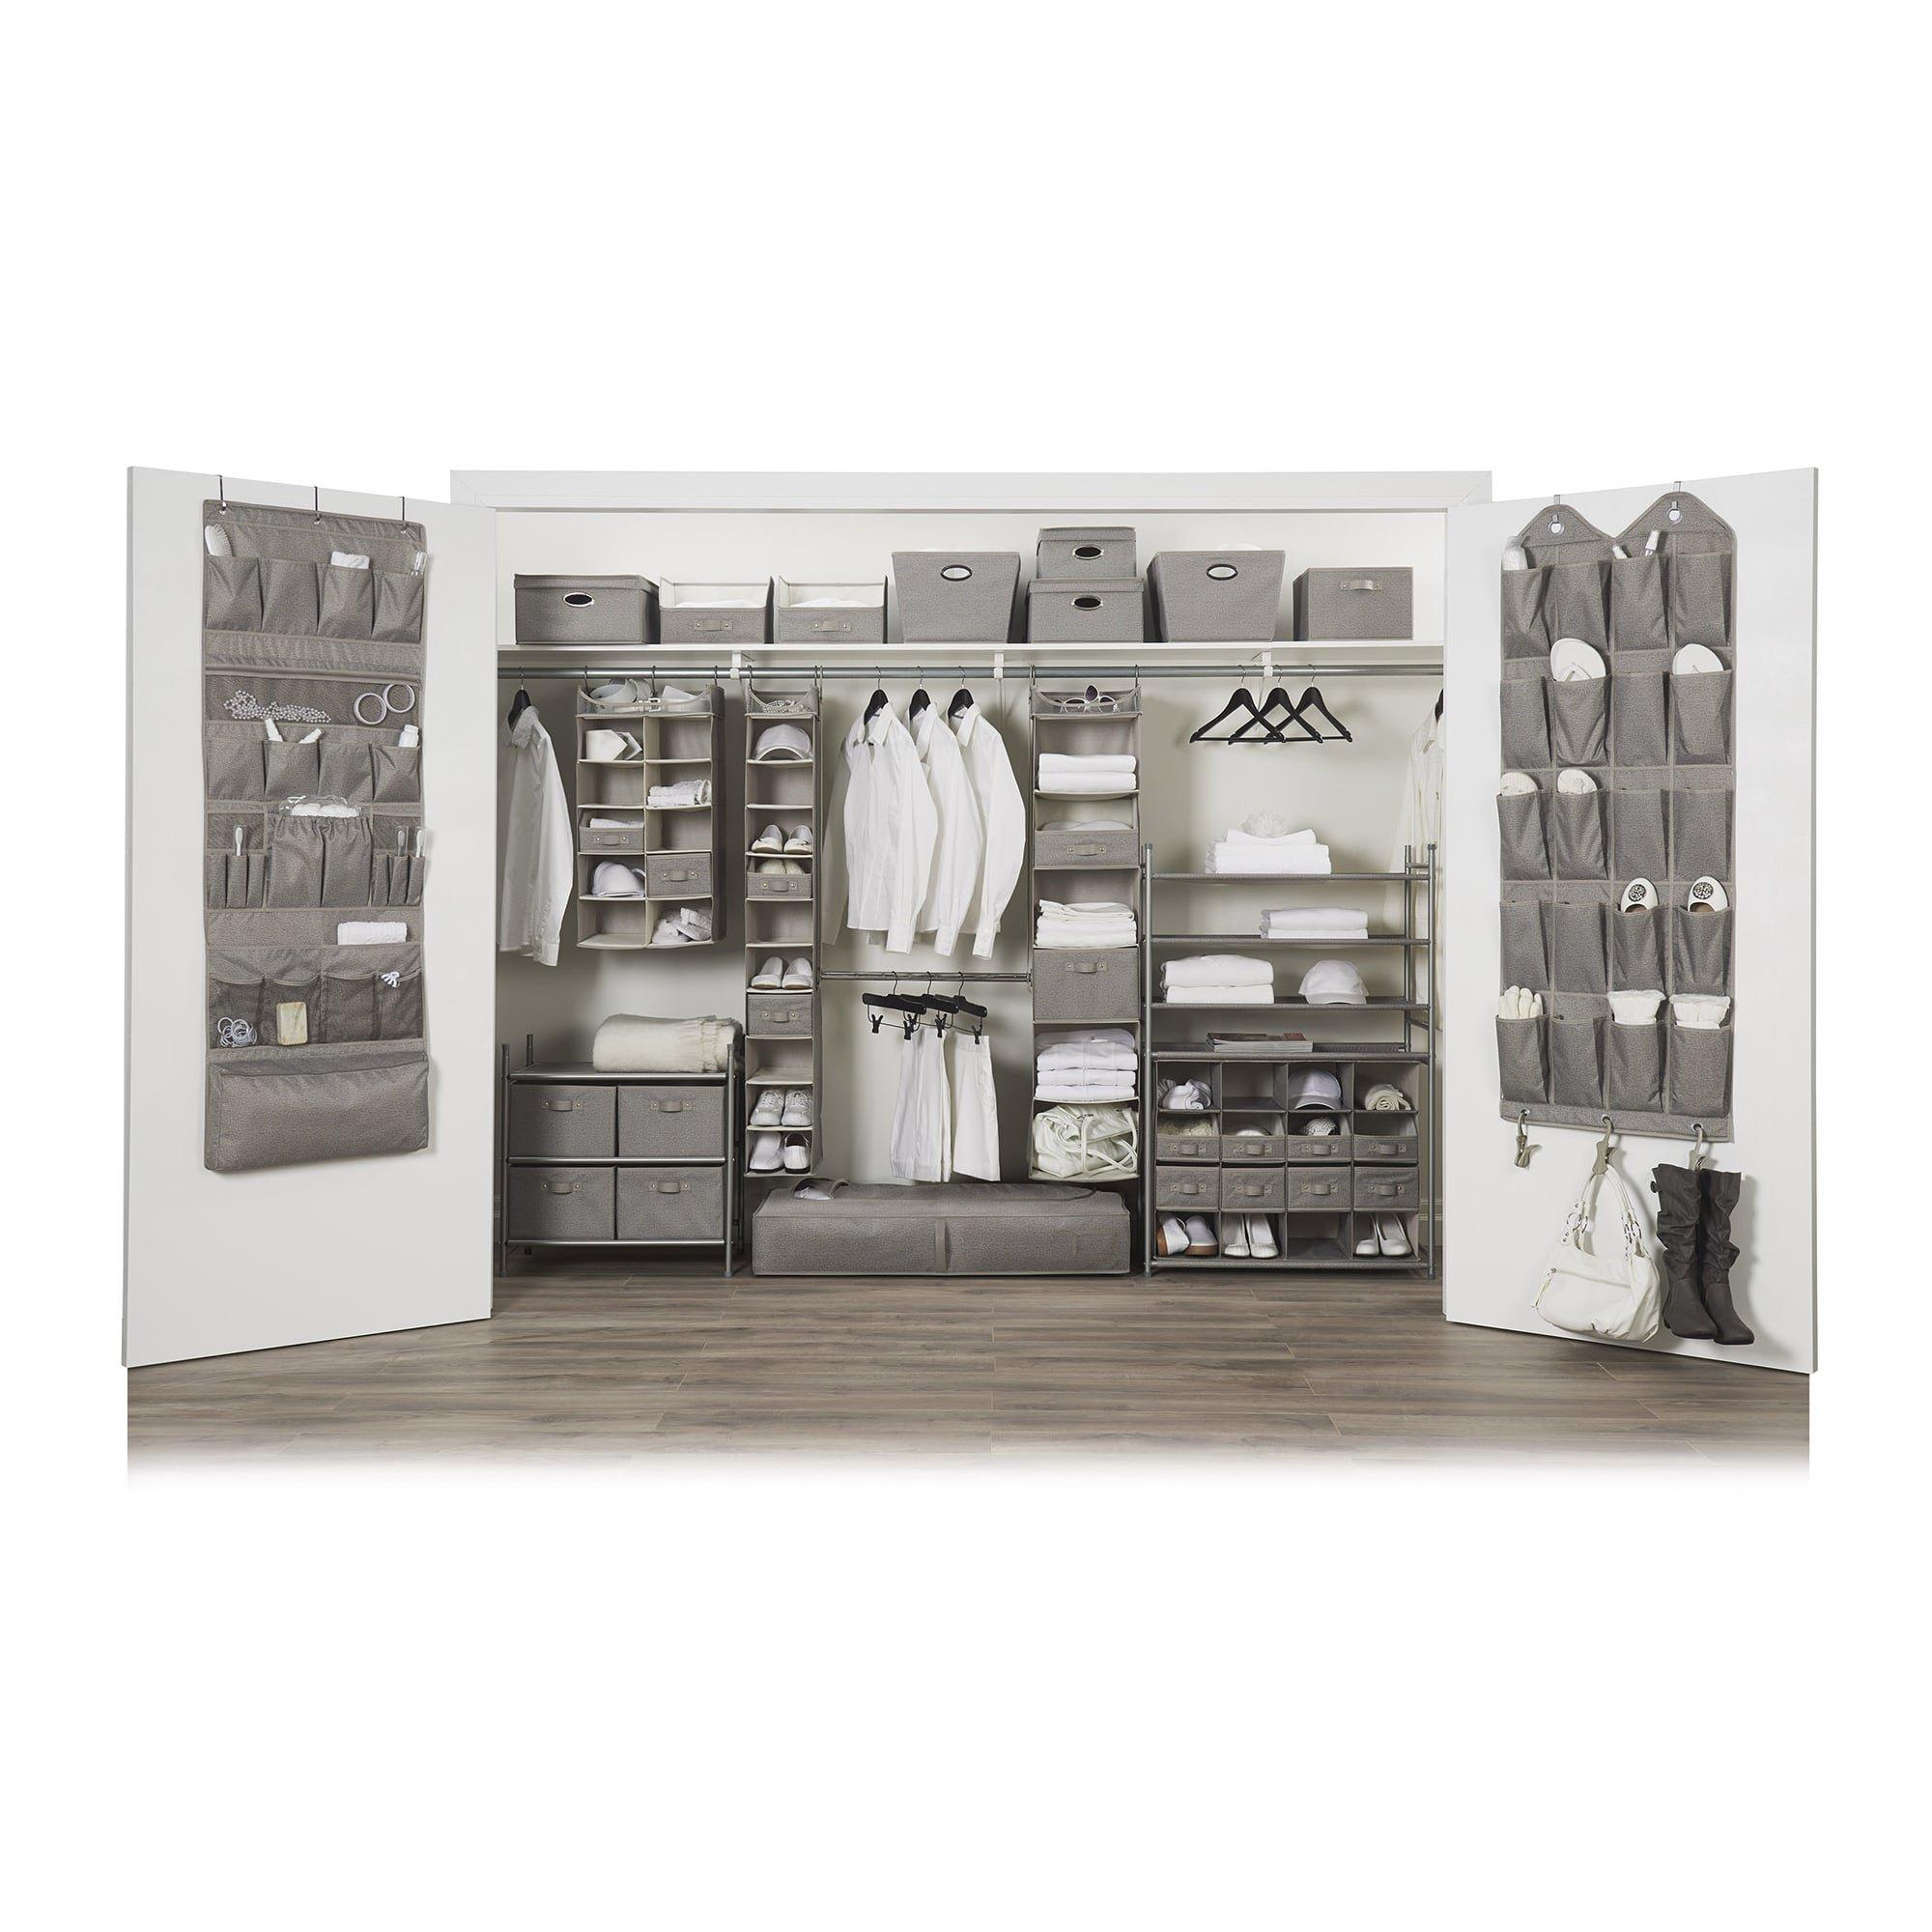 neatfreak Harmony Twill 2X5 Shelf Closet Organizer by Closet Spice (Image #4)